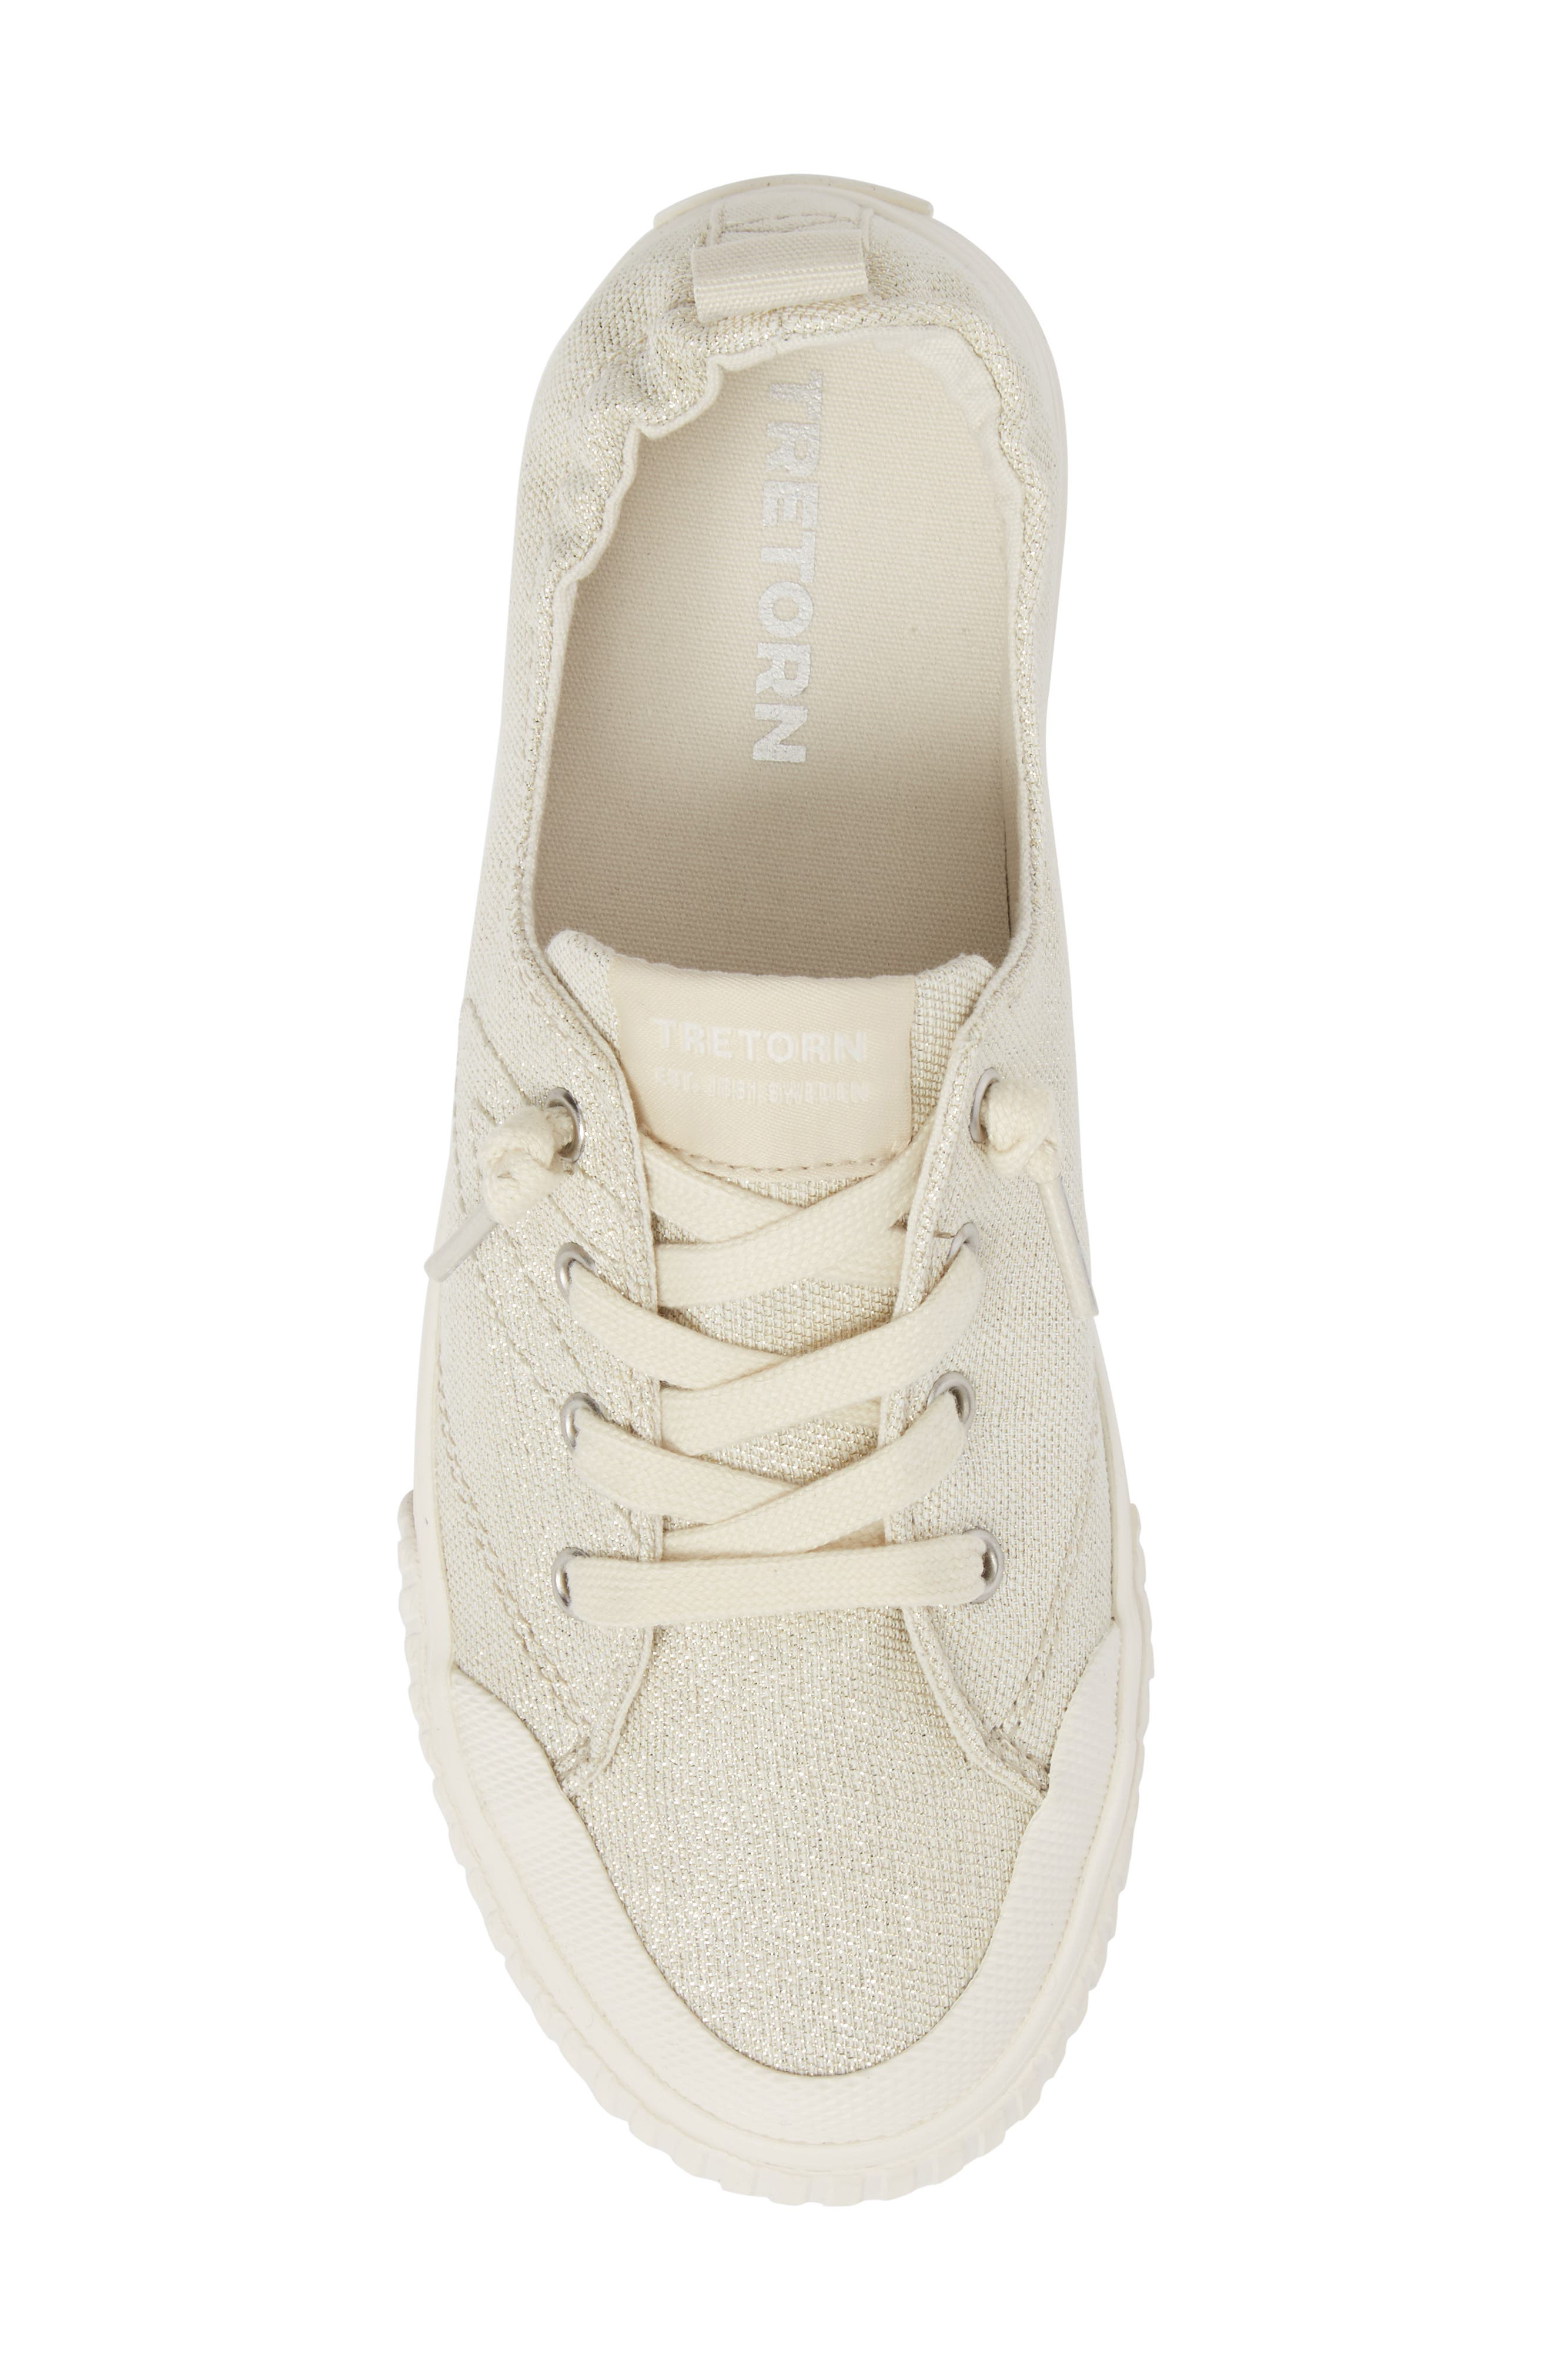 Meg Slip-On Sneaker,                             Alternate thumbnail 5, color,                             Angora/ White